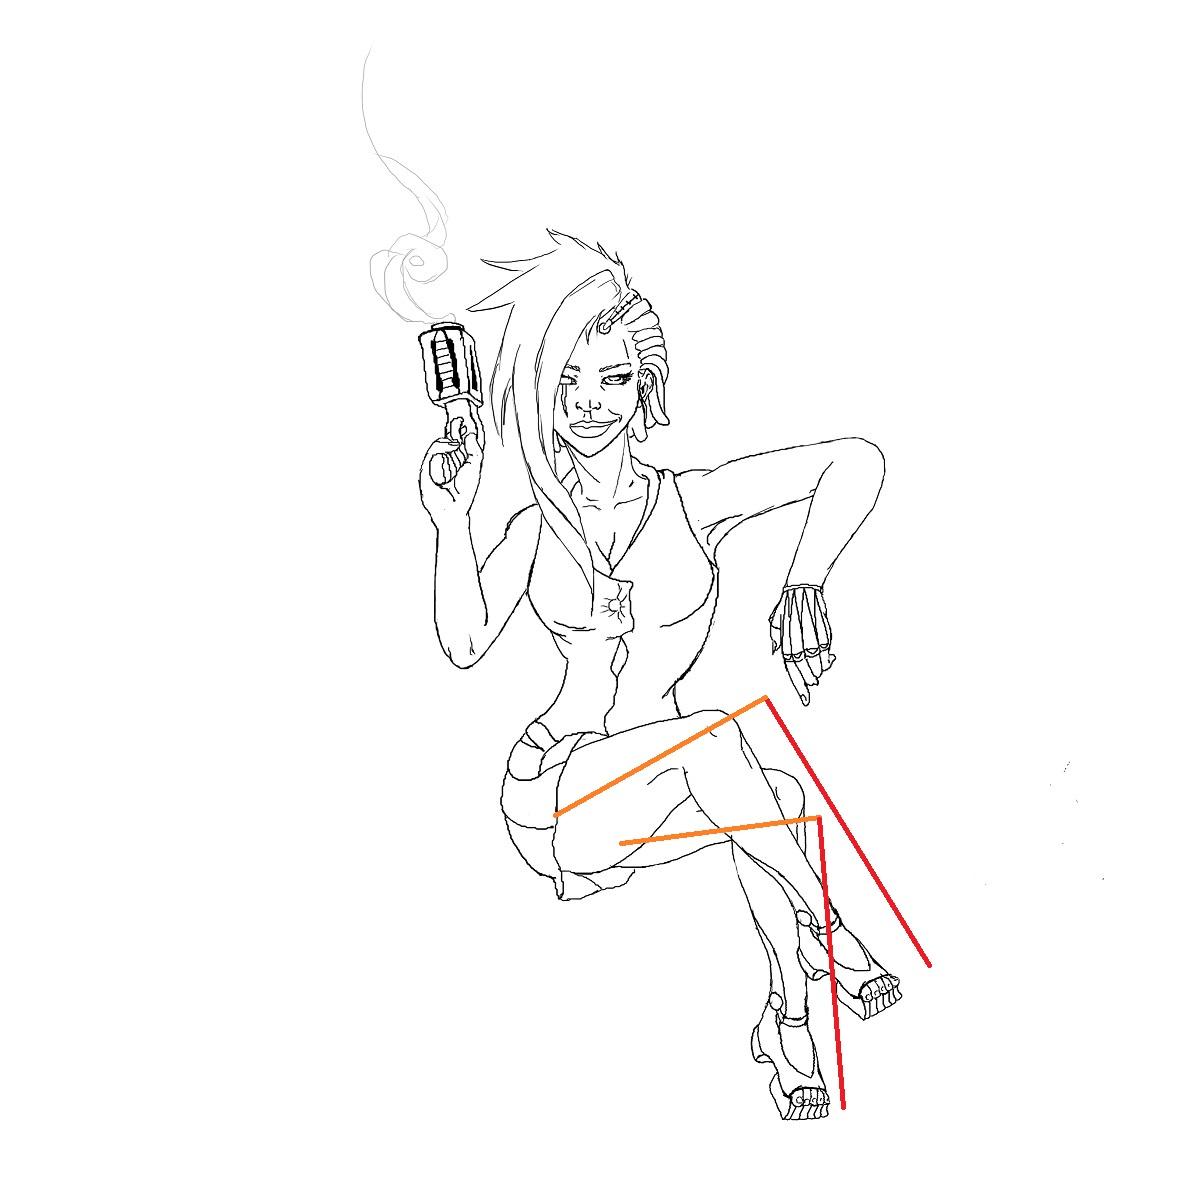 J'aimerais colorer une line propre avec du crayon aquarellable sec pour m'entraîner [noony4] 670531Sanstitre17558